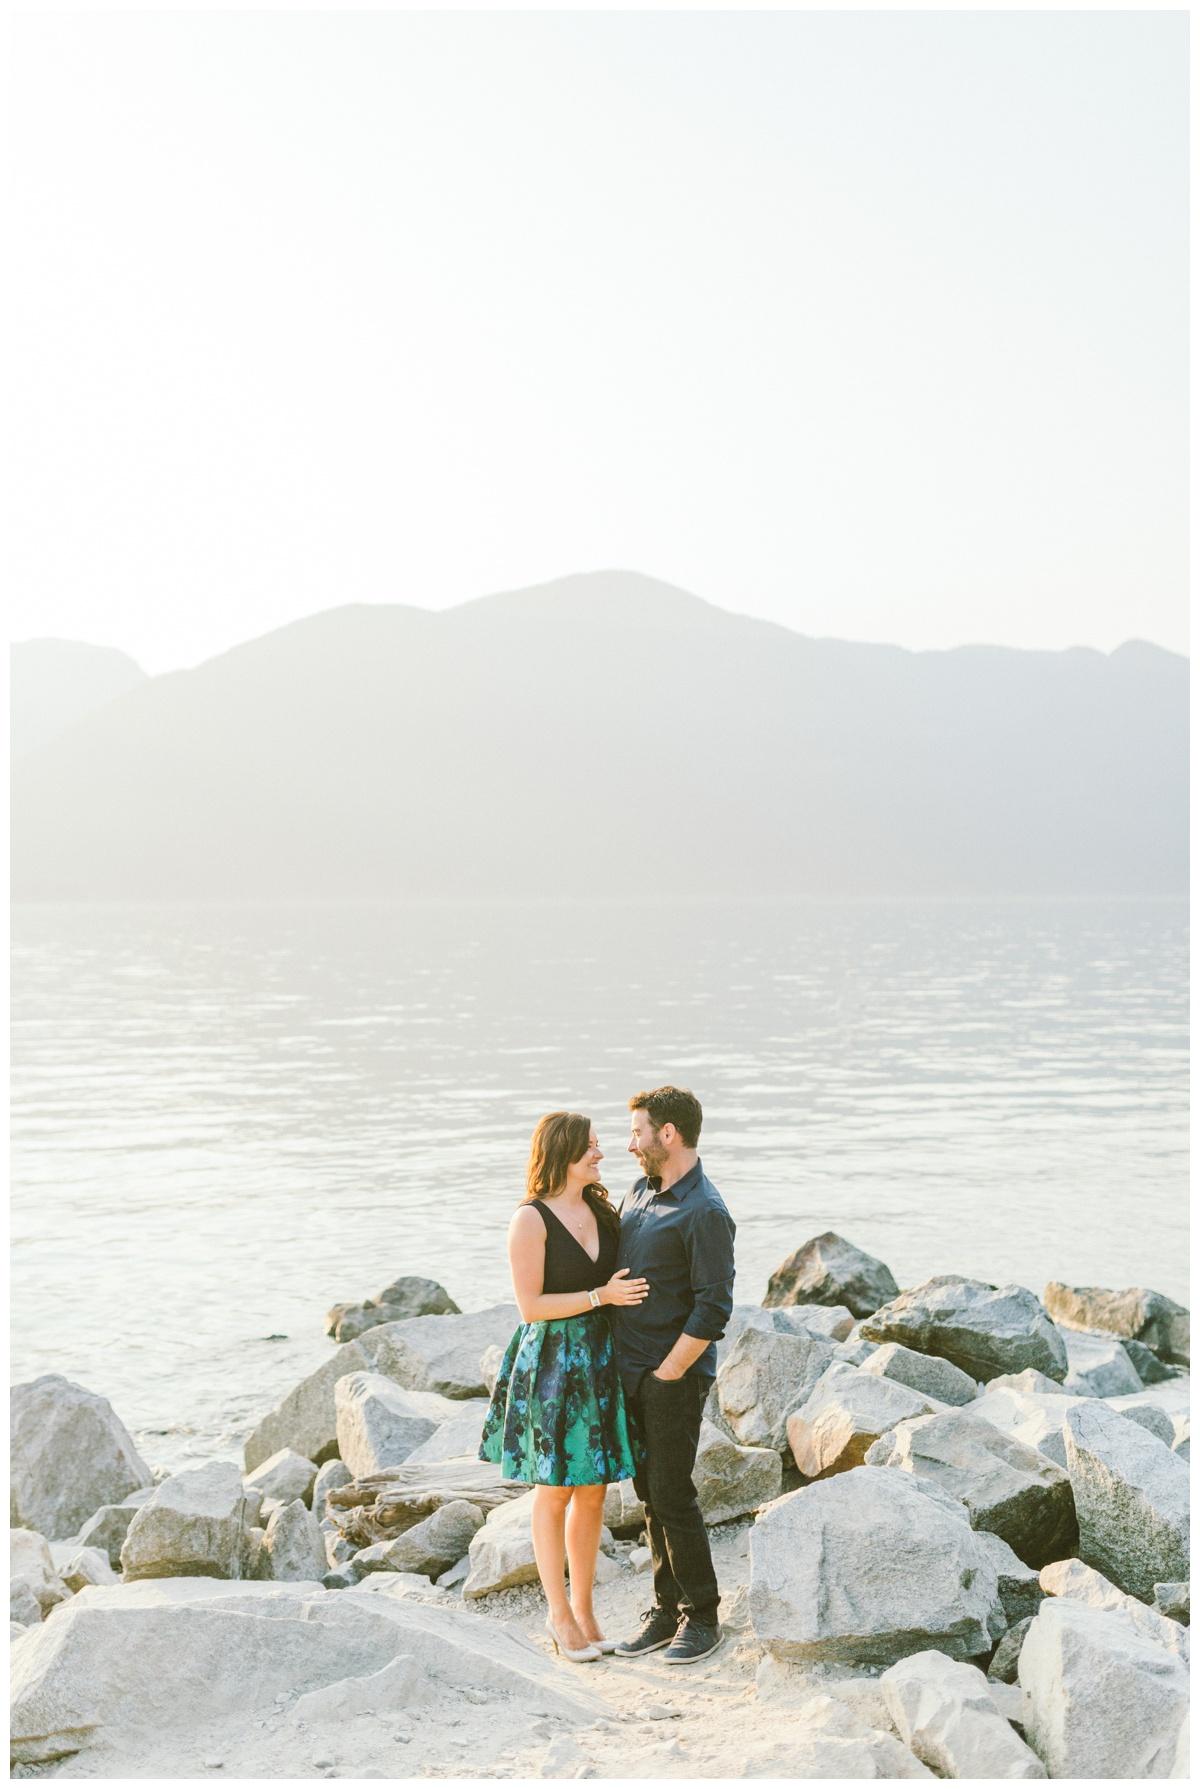 Mattie C. Hong Kong Vancouver Fine Art Wedding Prewedding Photographer 37.jpg